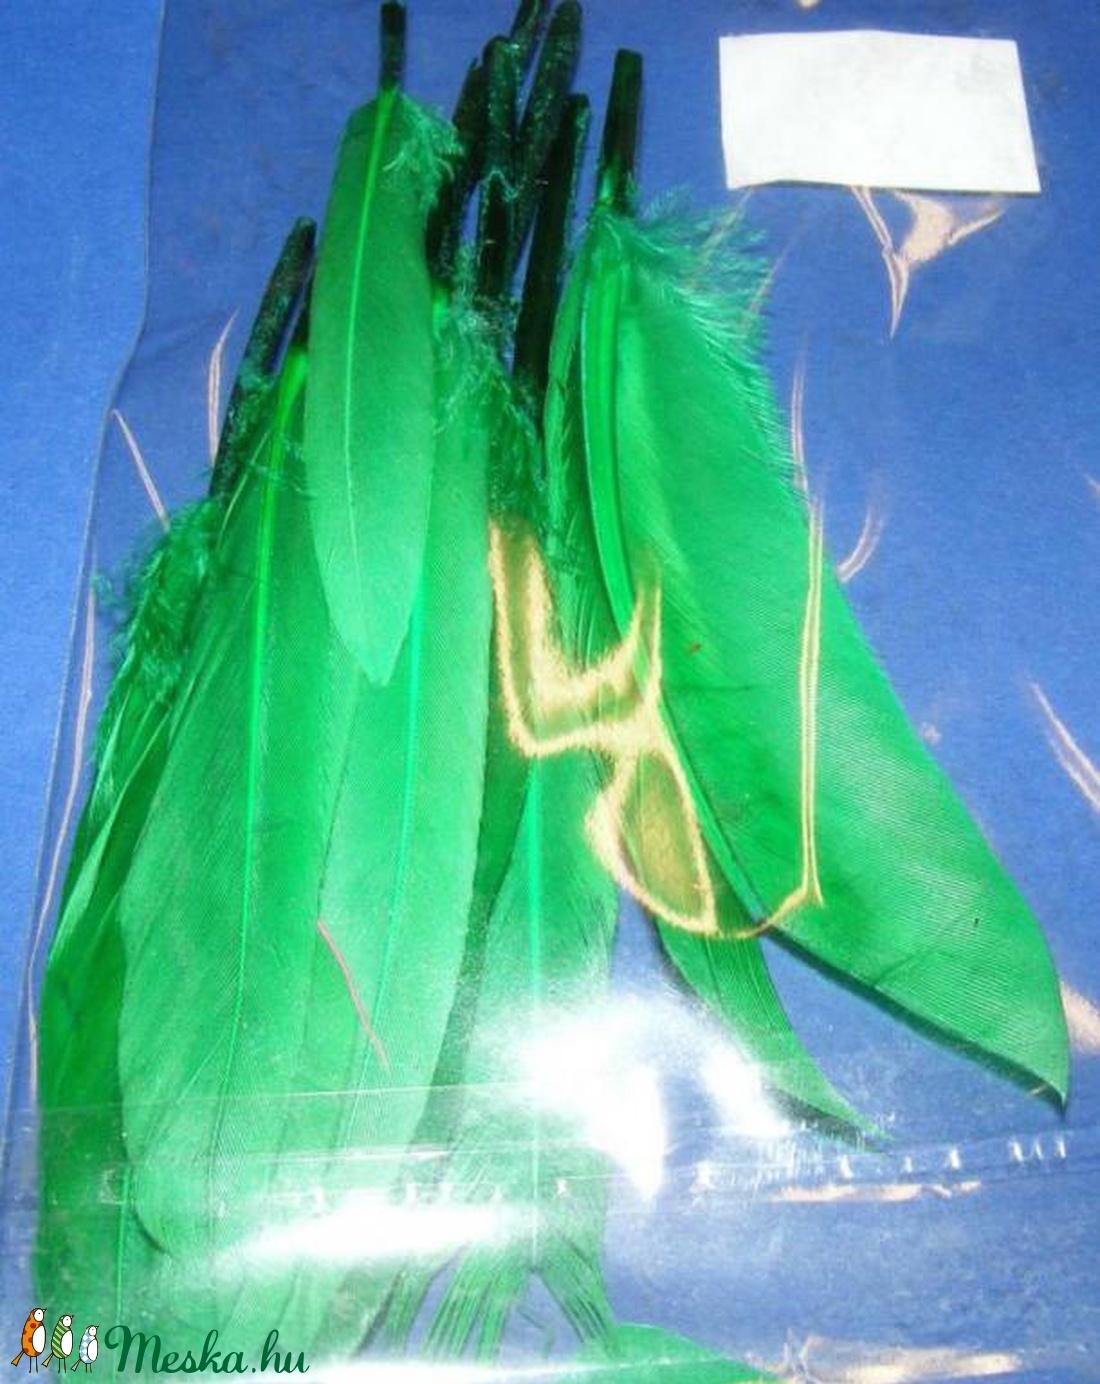 Dekorációs indián toll-19 (10 db) - zöld (kicsi) (csimbo) - Meska.hu